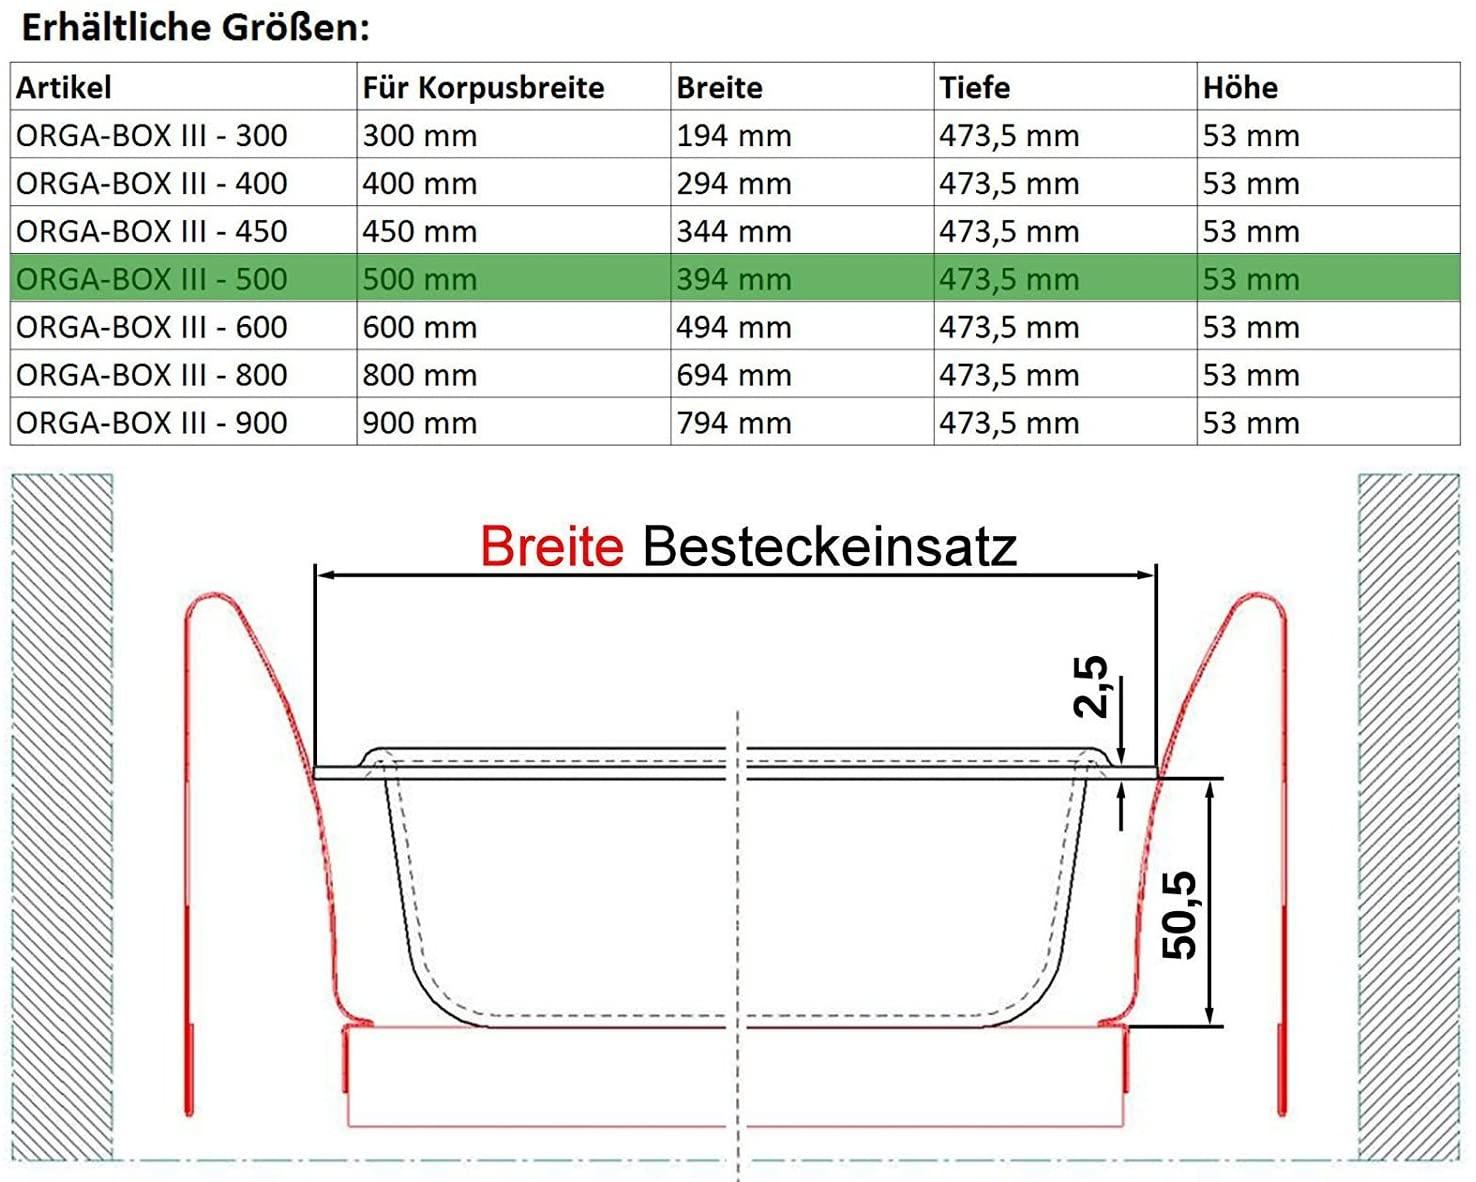 Full Size of Nobilia Besteckeinsatz 80 Trend 120 Holz 100 60 Cm 40 Orga Bobesteckeinsatz Silbergrau Fr 50er Schublade Zb Küche Einbauküche Wohnzimmer Nobilia Besteckeinsatz